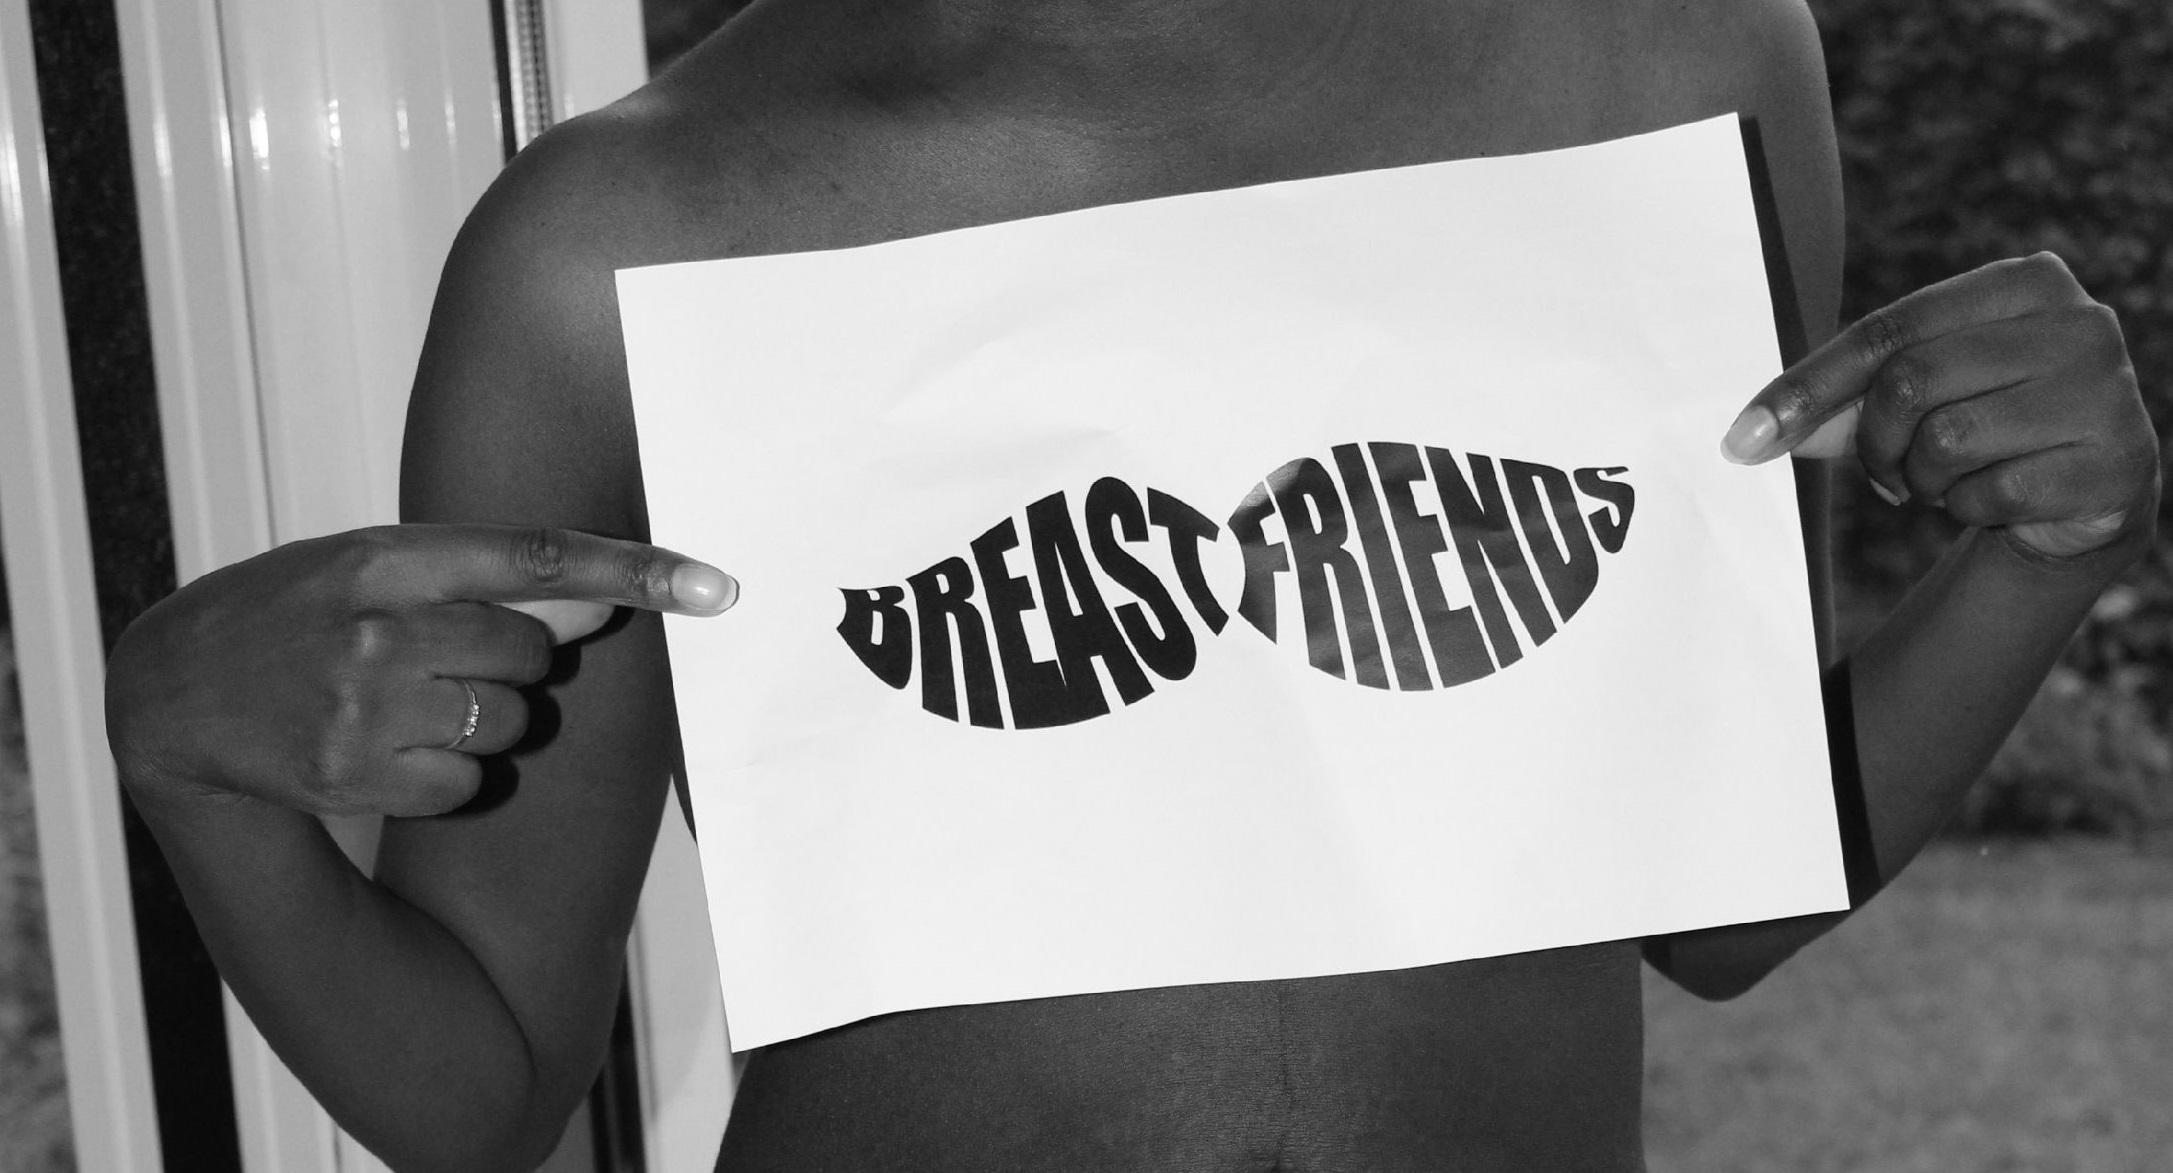 MyBreastfriendstag-Breastfriendsforever-Borstkanker-GoodGirlsCompany